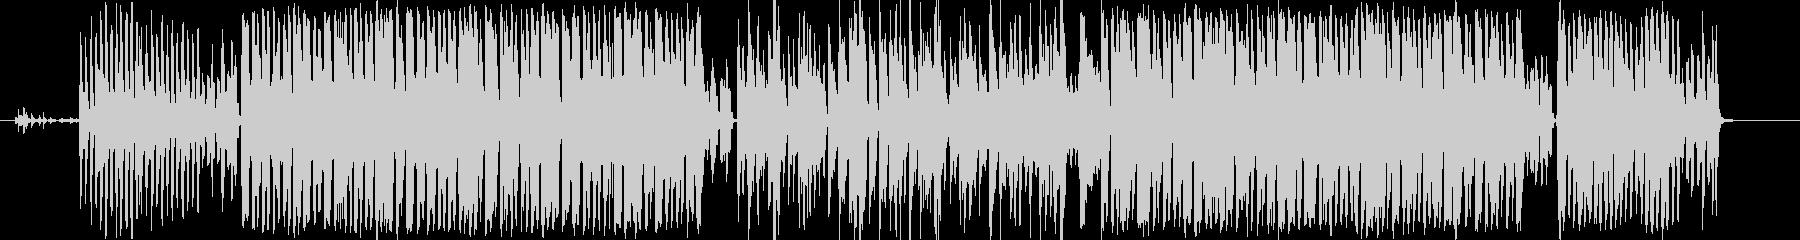 RPMの未再生の波形